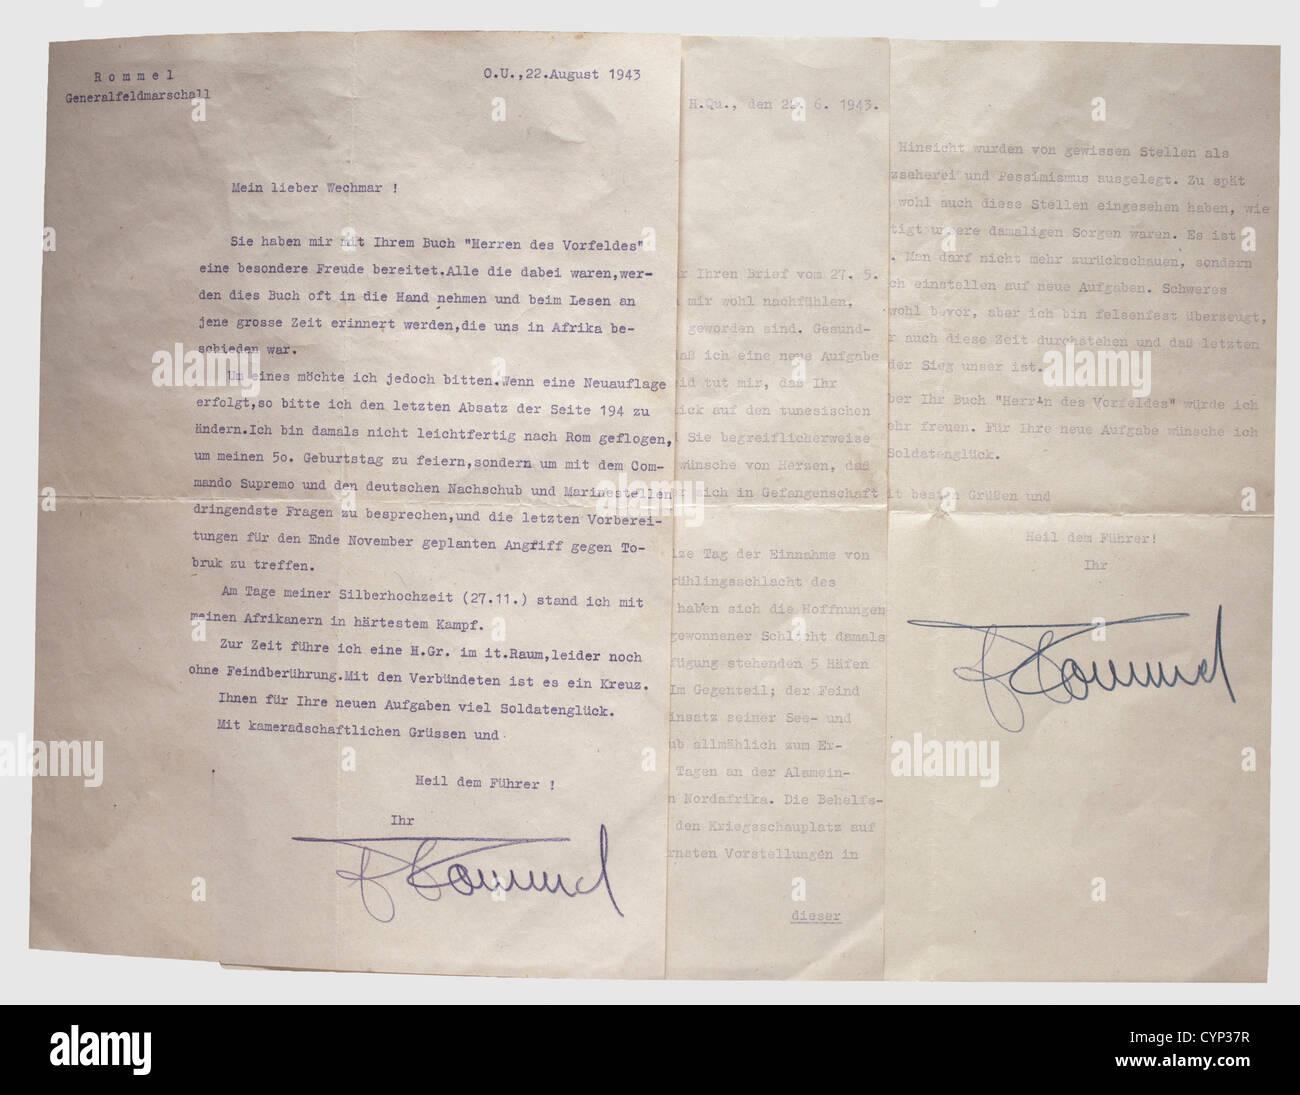 Persönliche Briefe Queen : Five times two stockfotos bilder alamy